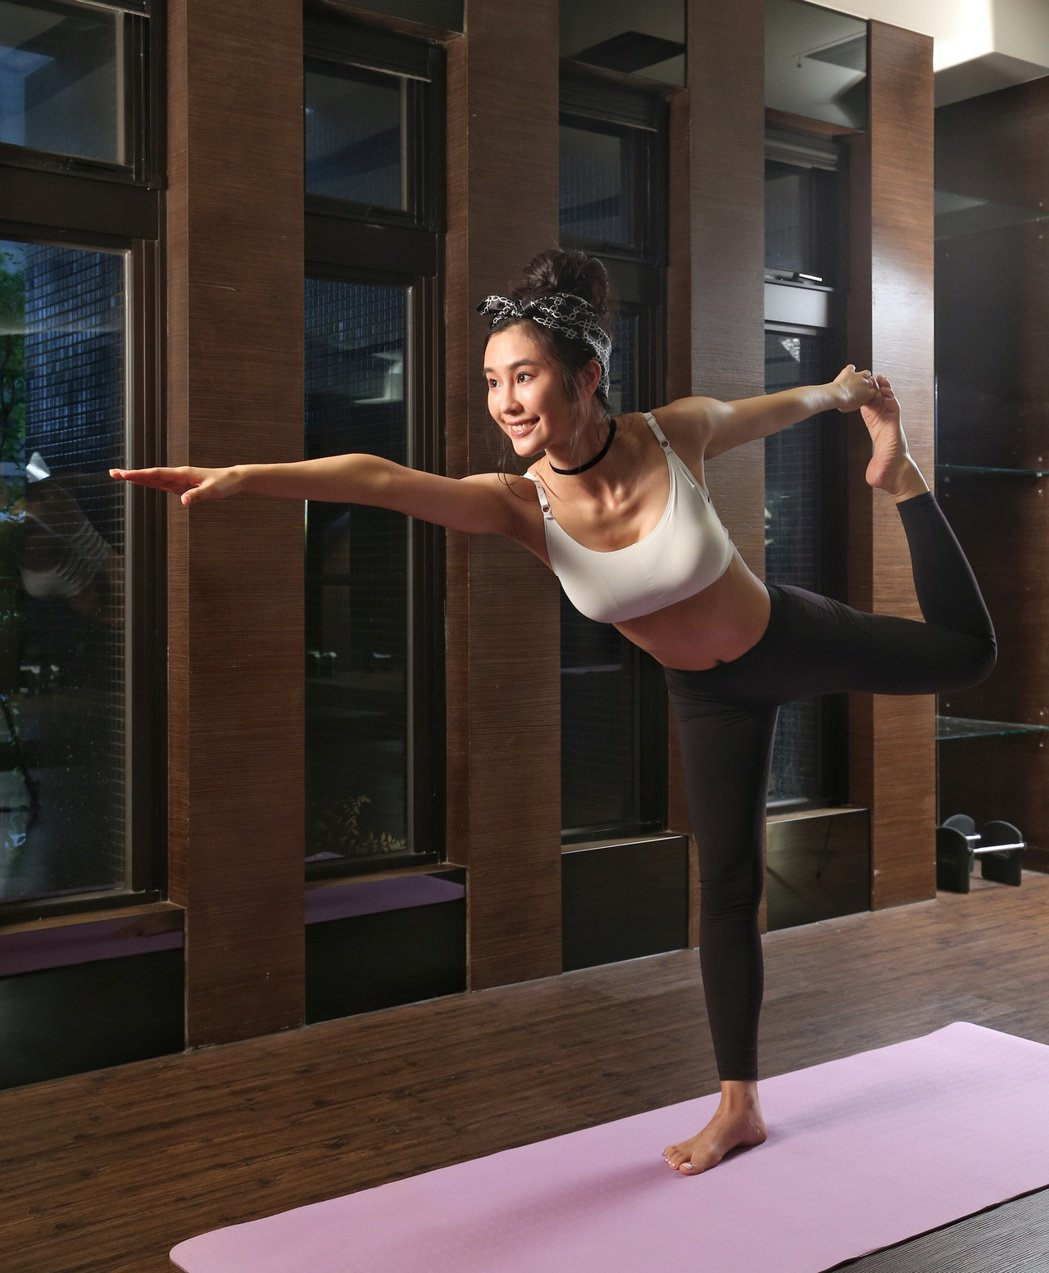 黃心娣示範夏日瘦身瑜伽。記者陳立凱/攝影